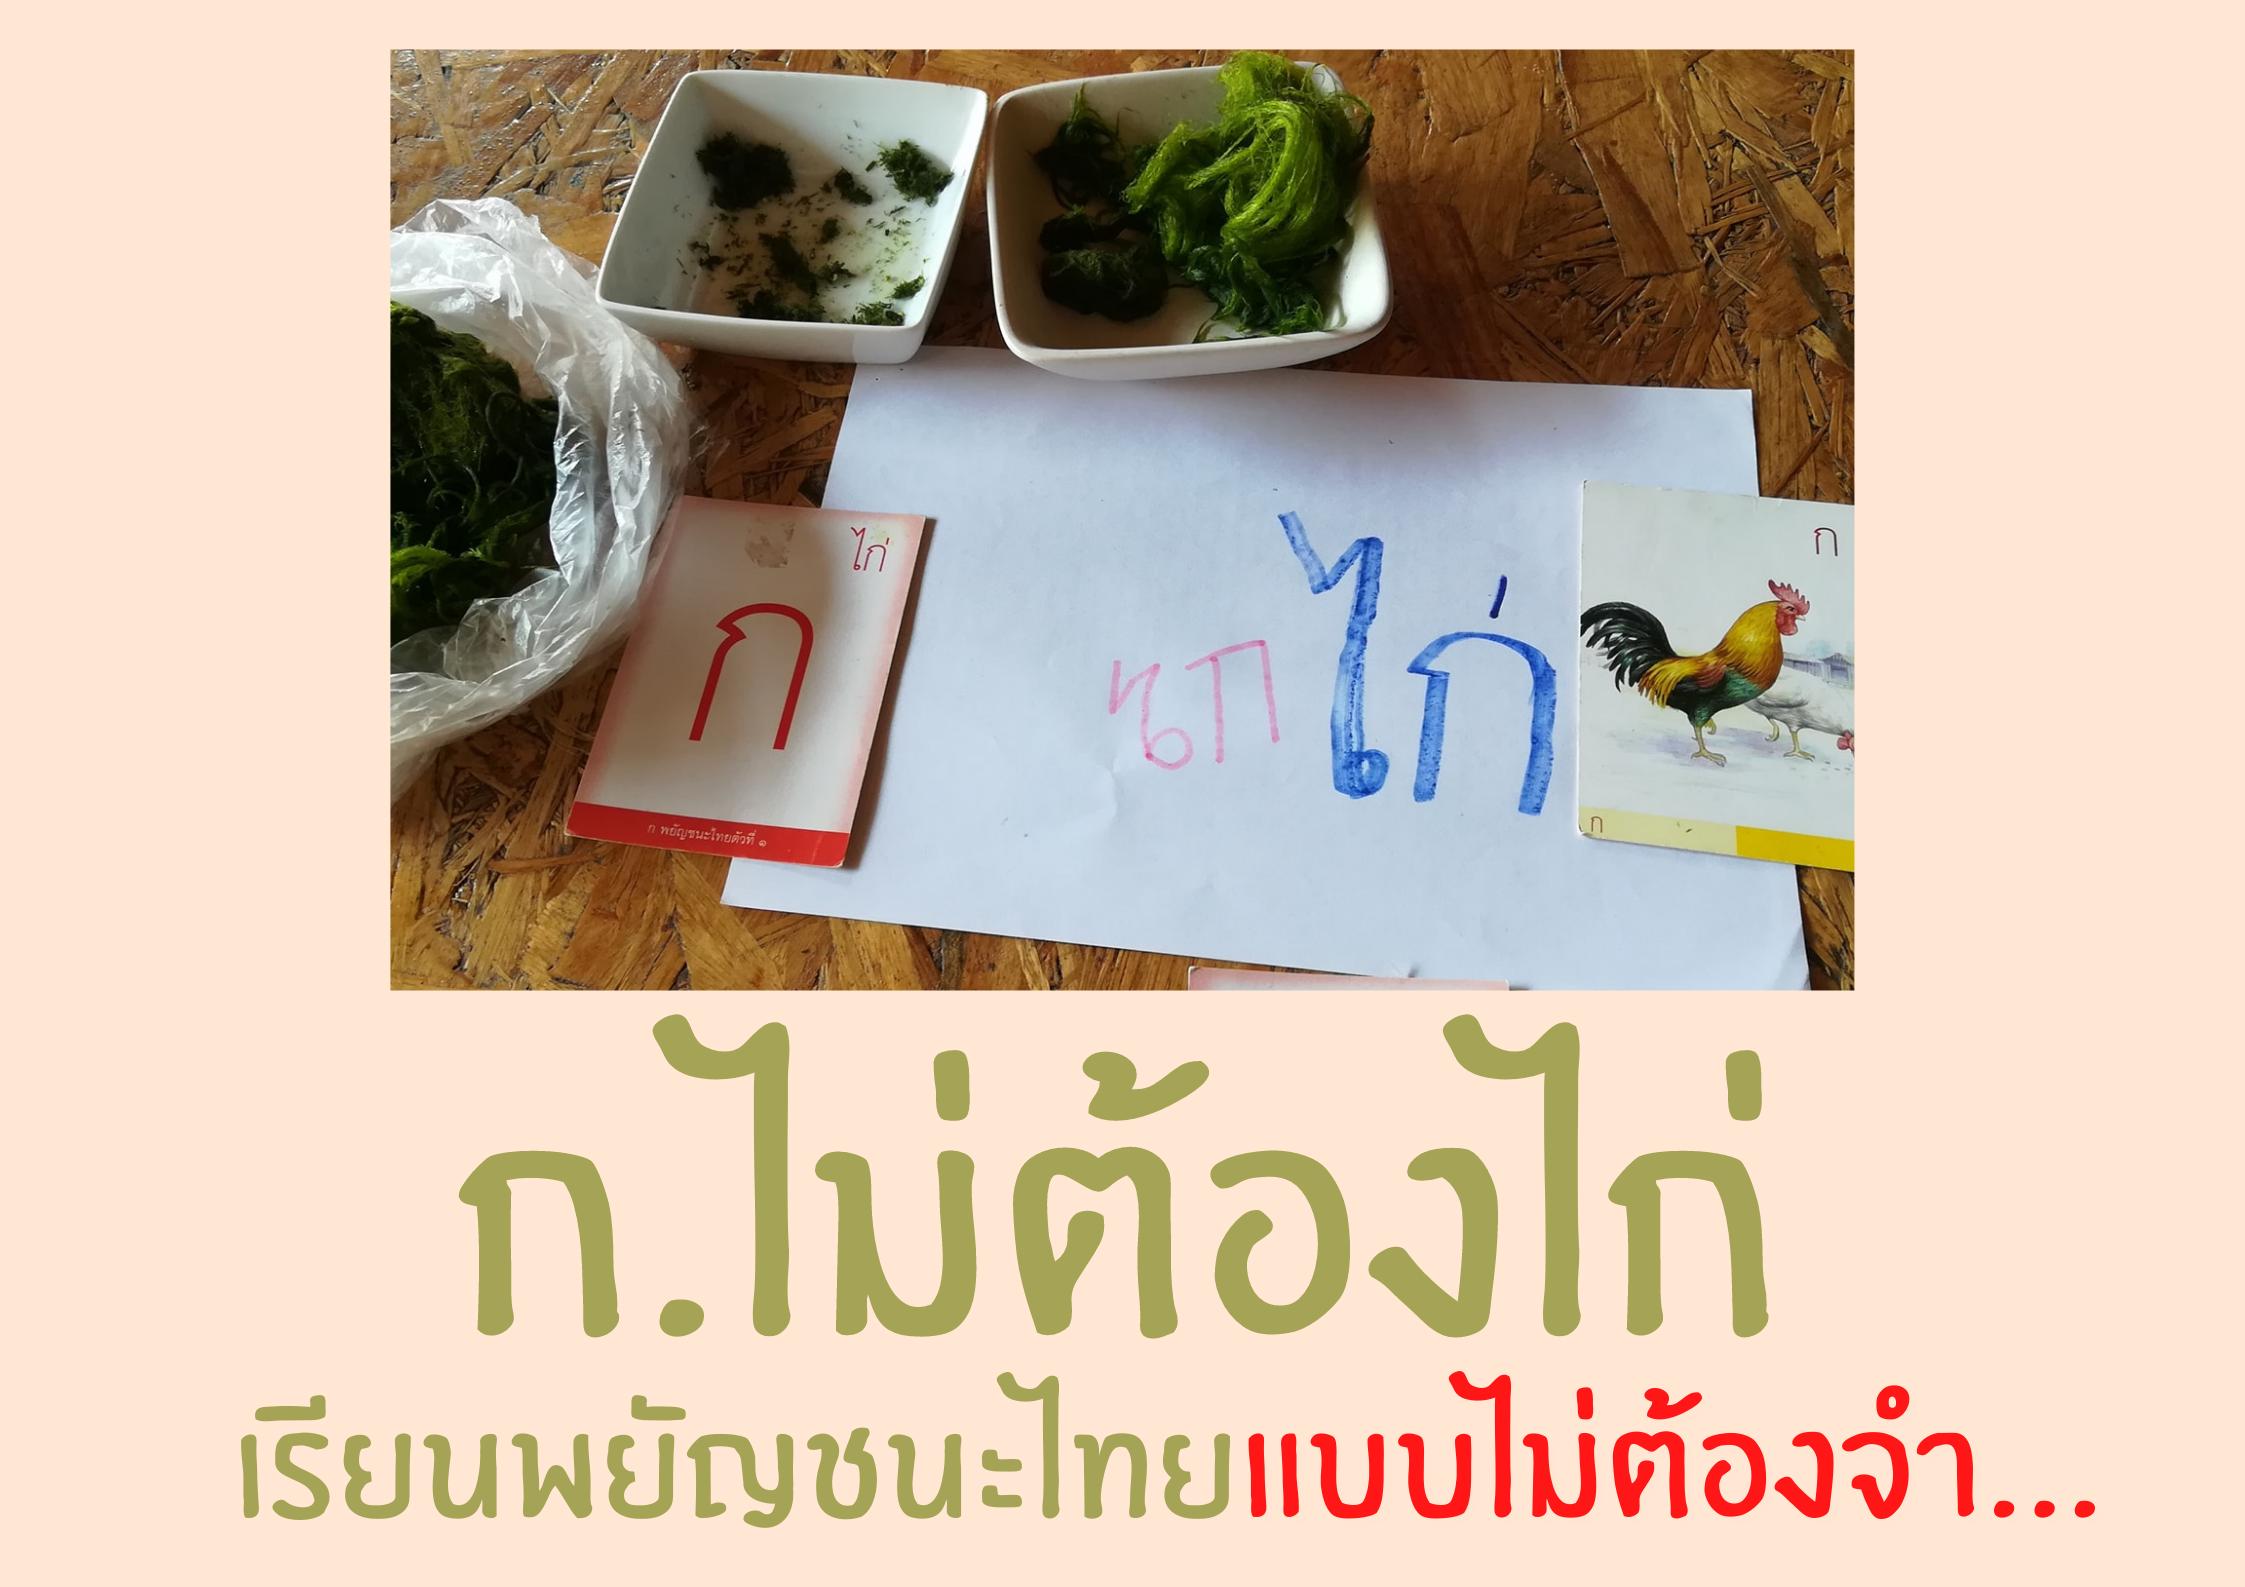 ภาพประกอบไอเดีย ก.ไม่ต้องไก่ เรียนพยัญชนะไทยแบบไม่ต้องจำ